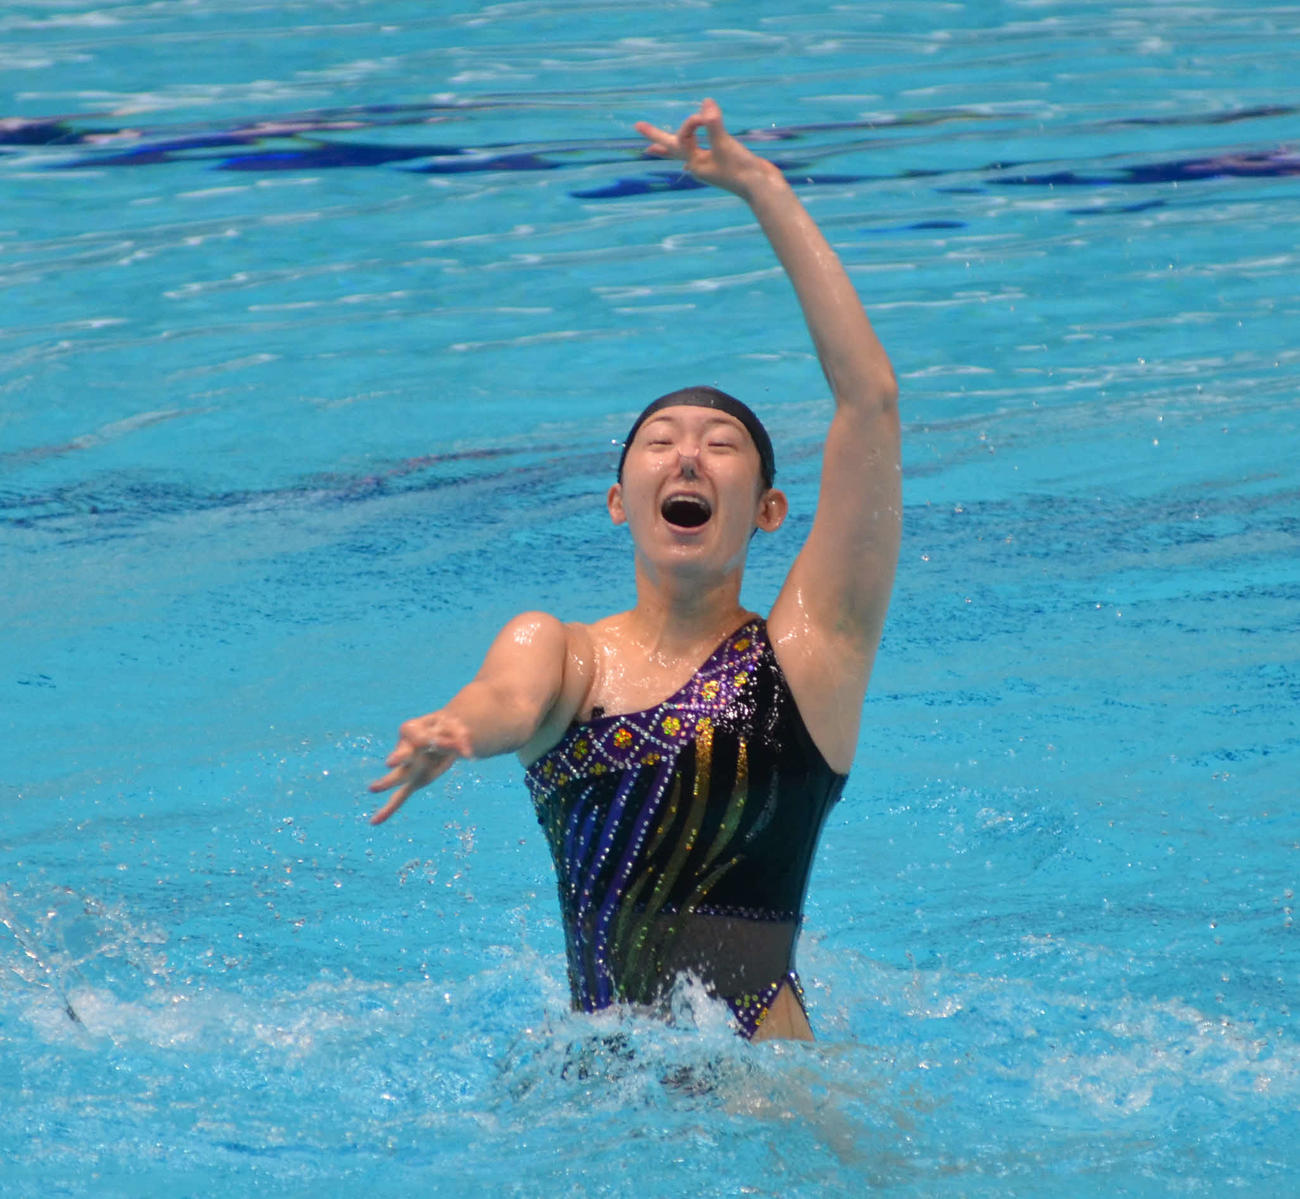 女子は小俣夏乃、男子は内田吉信V AS都特別大会 - 水泳写真ニュース ...